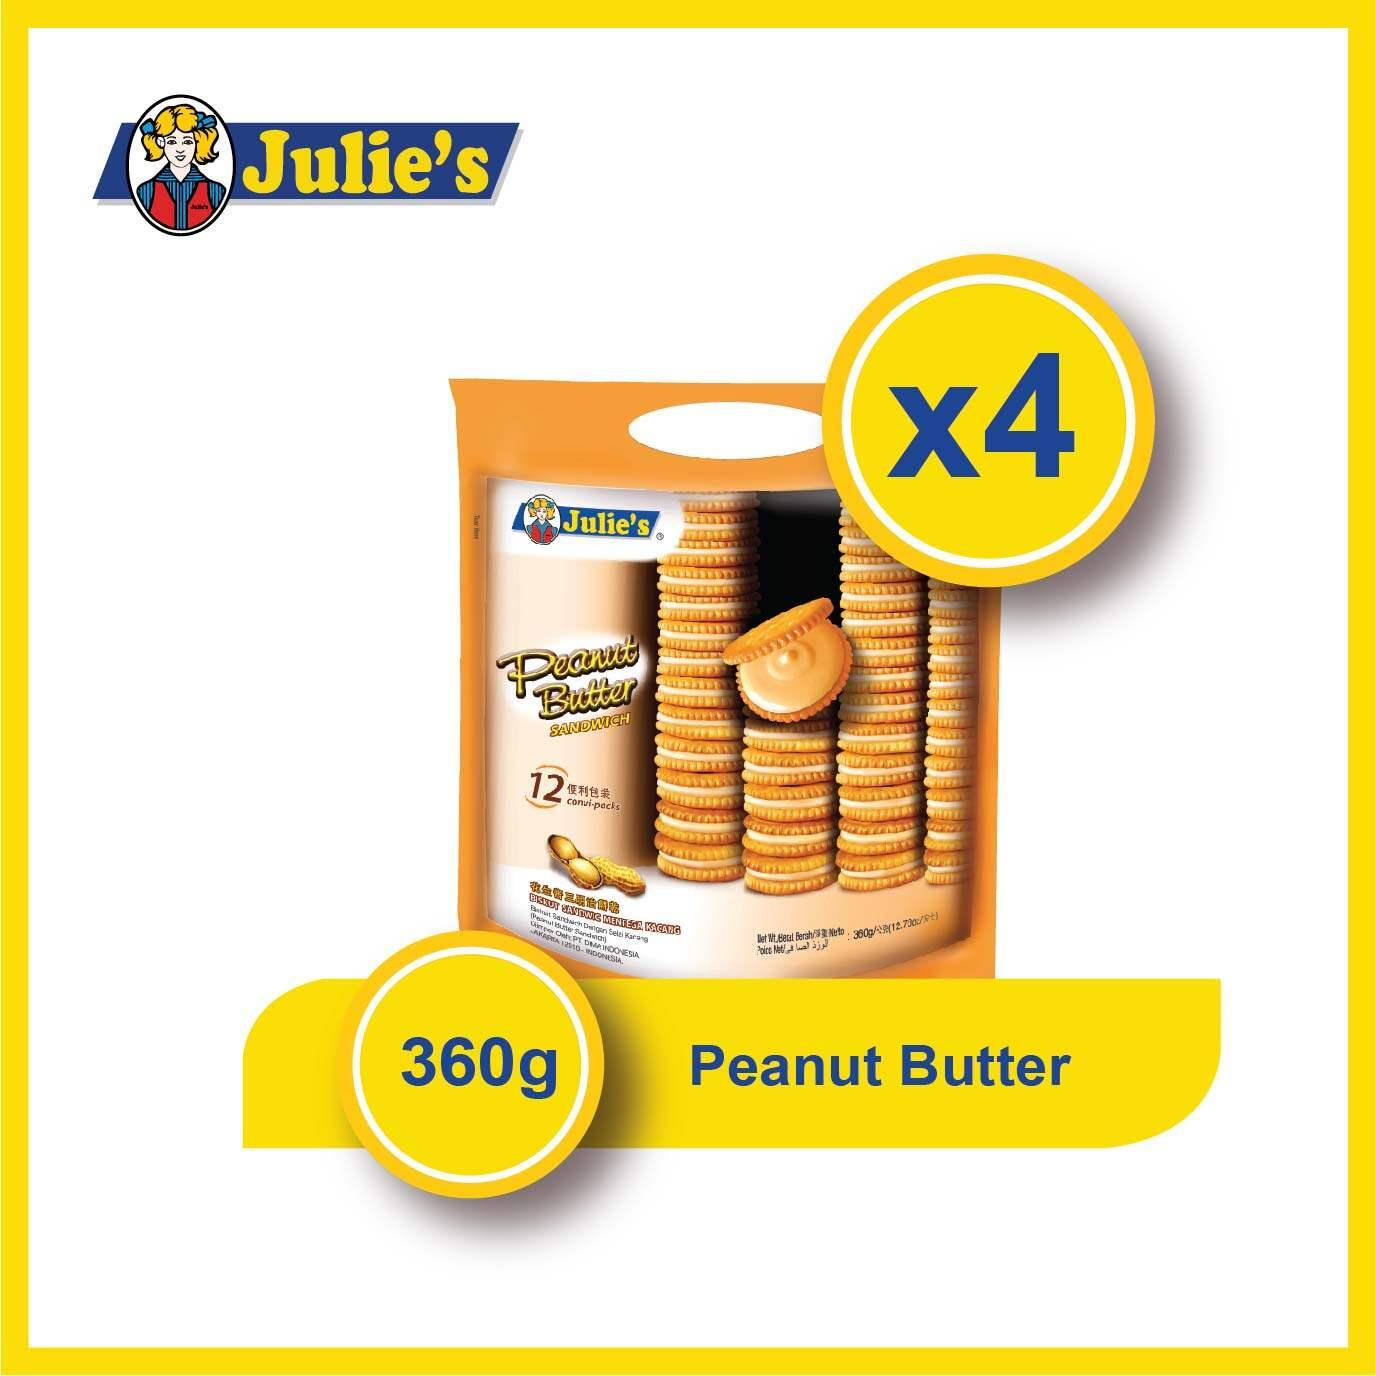 Julies Peanut Butter Sandwich 360g x 4 packs